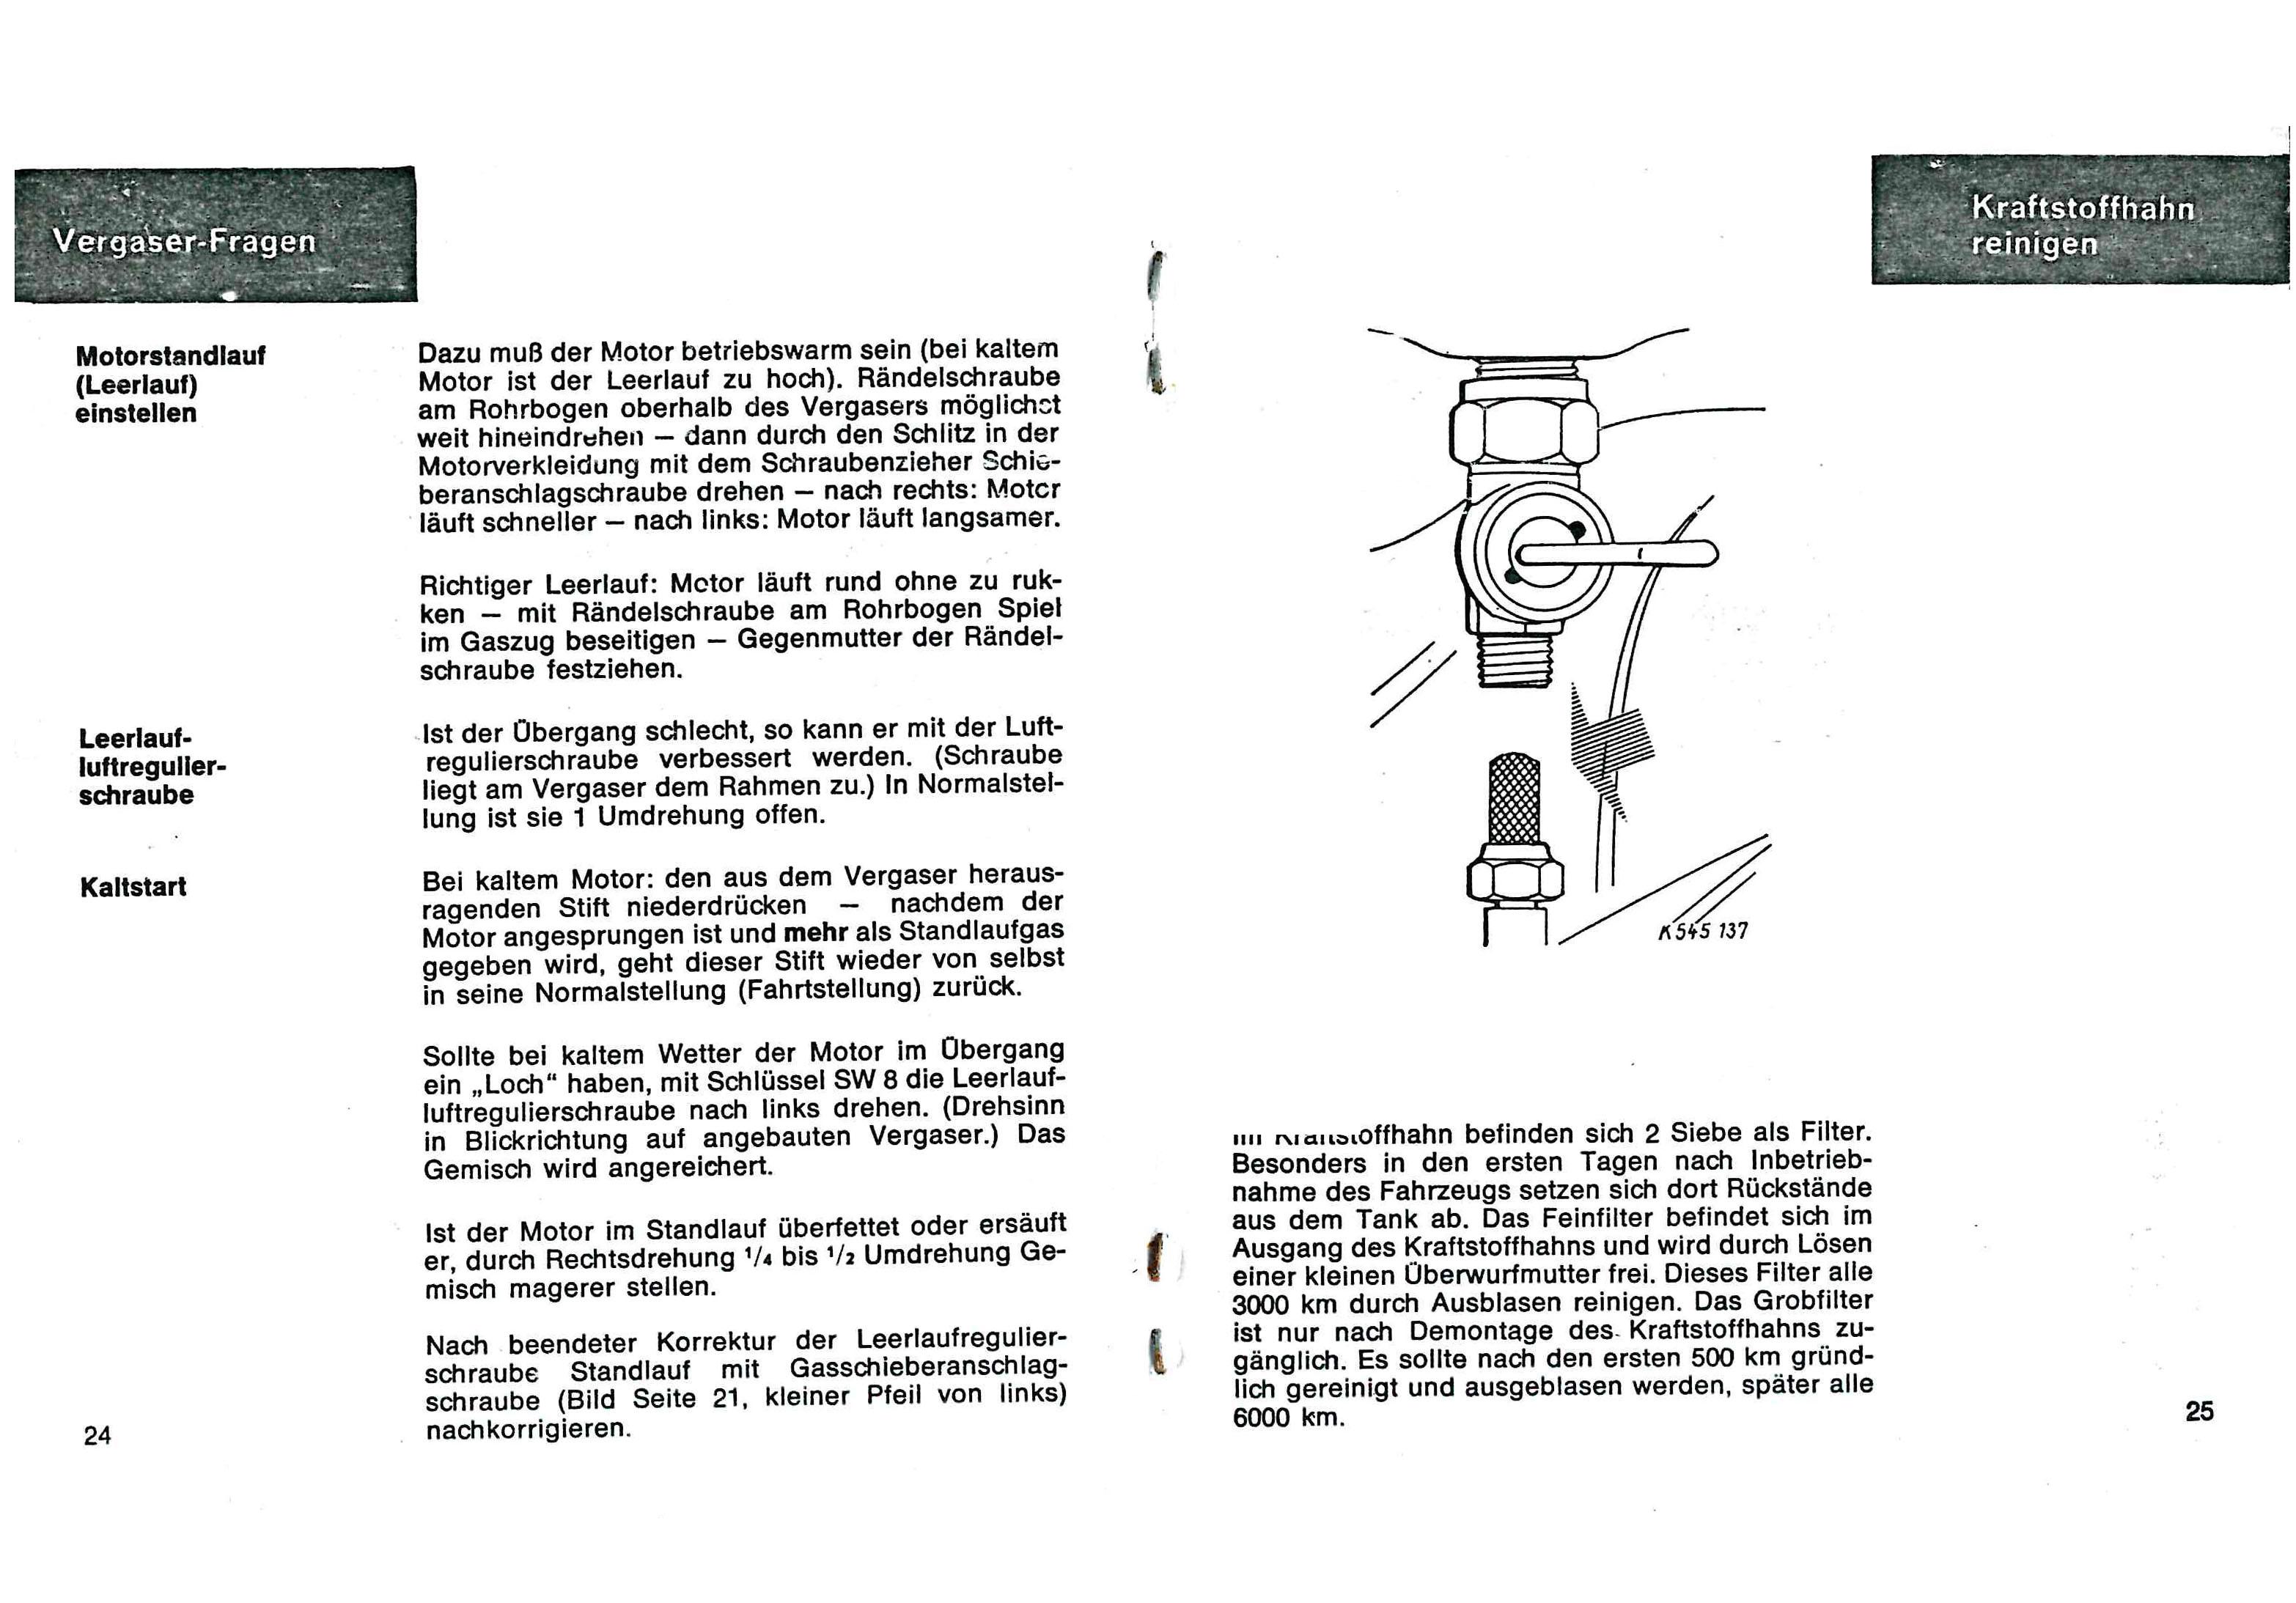 Großzügig Drahtgurthersteller Fotos - Elektrische Schaltplan-Ideen ...